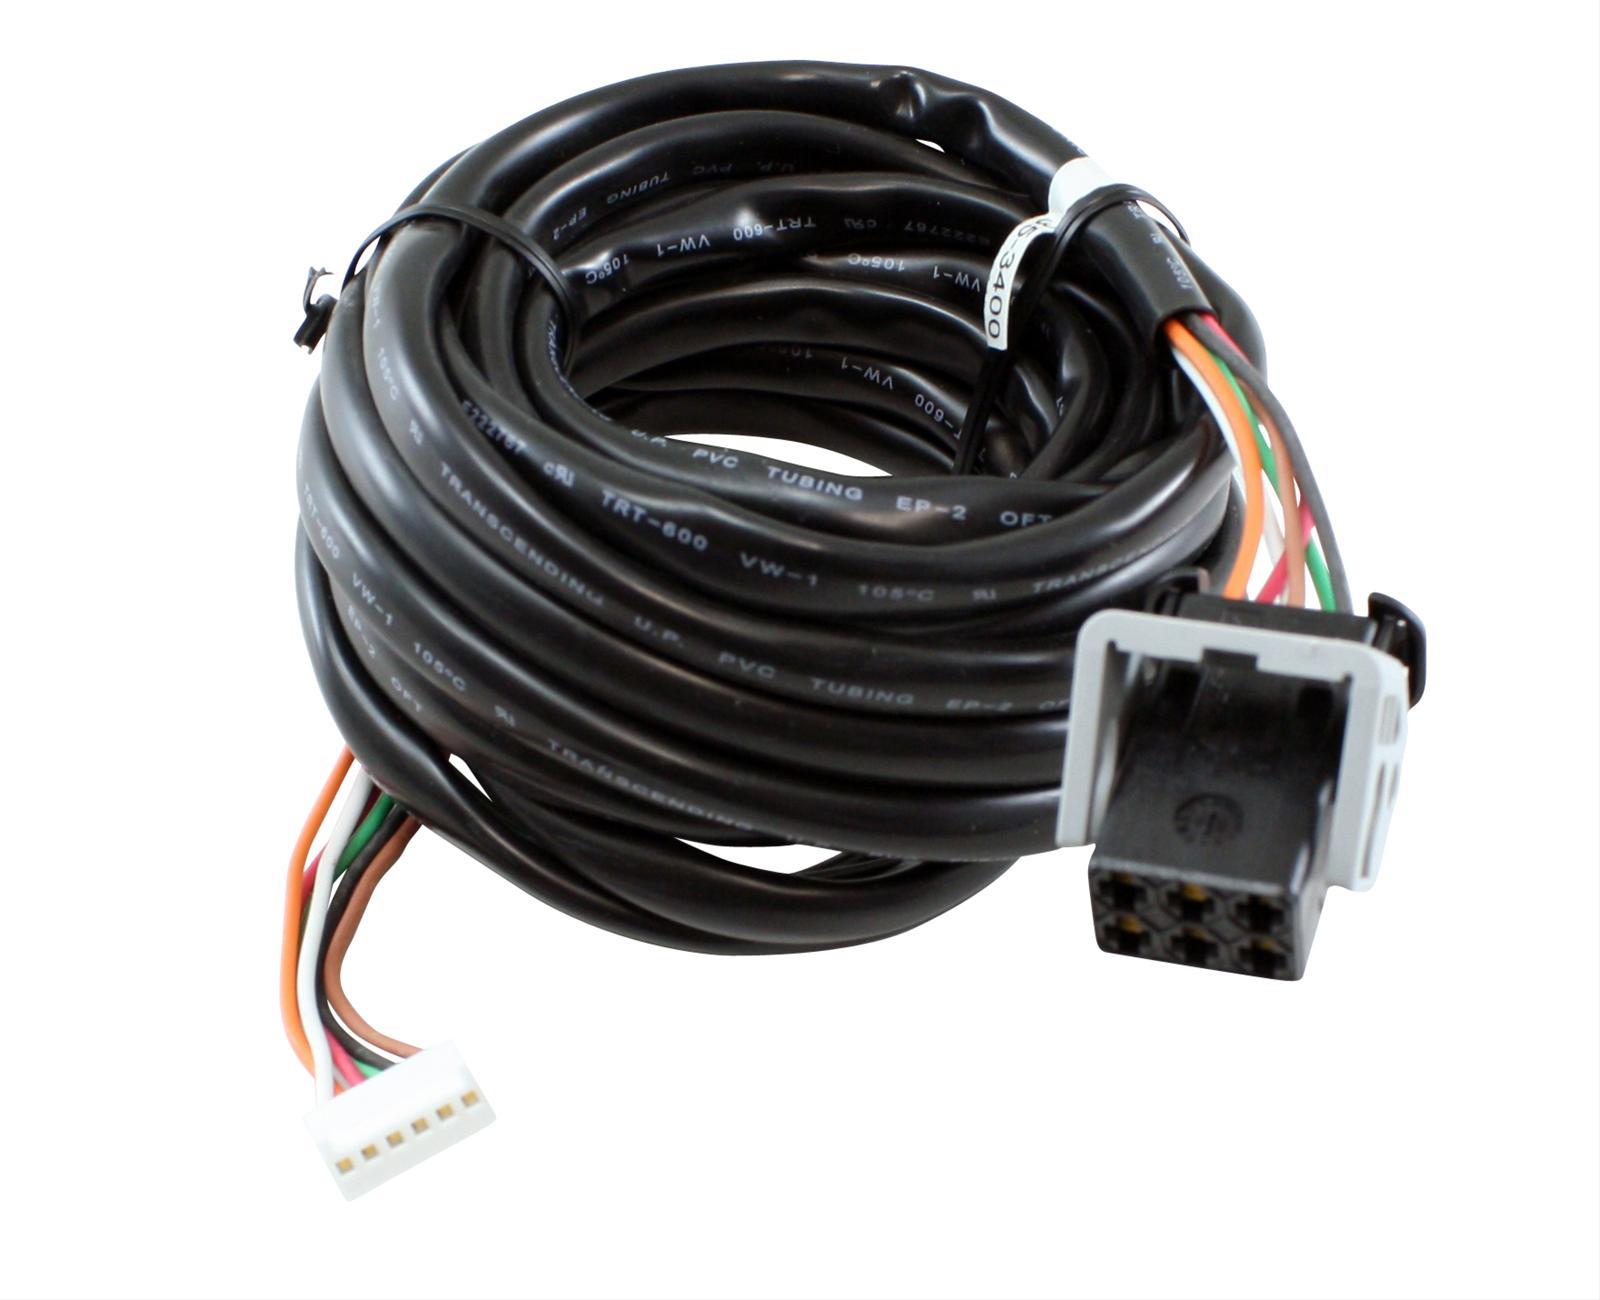 Aem Gauge Wiring Harness : Aem wire harness engine management dhw